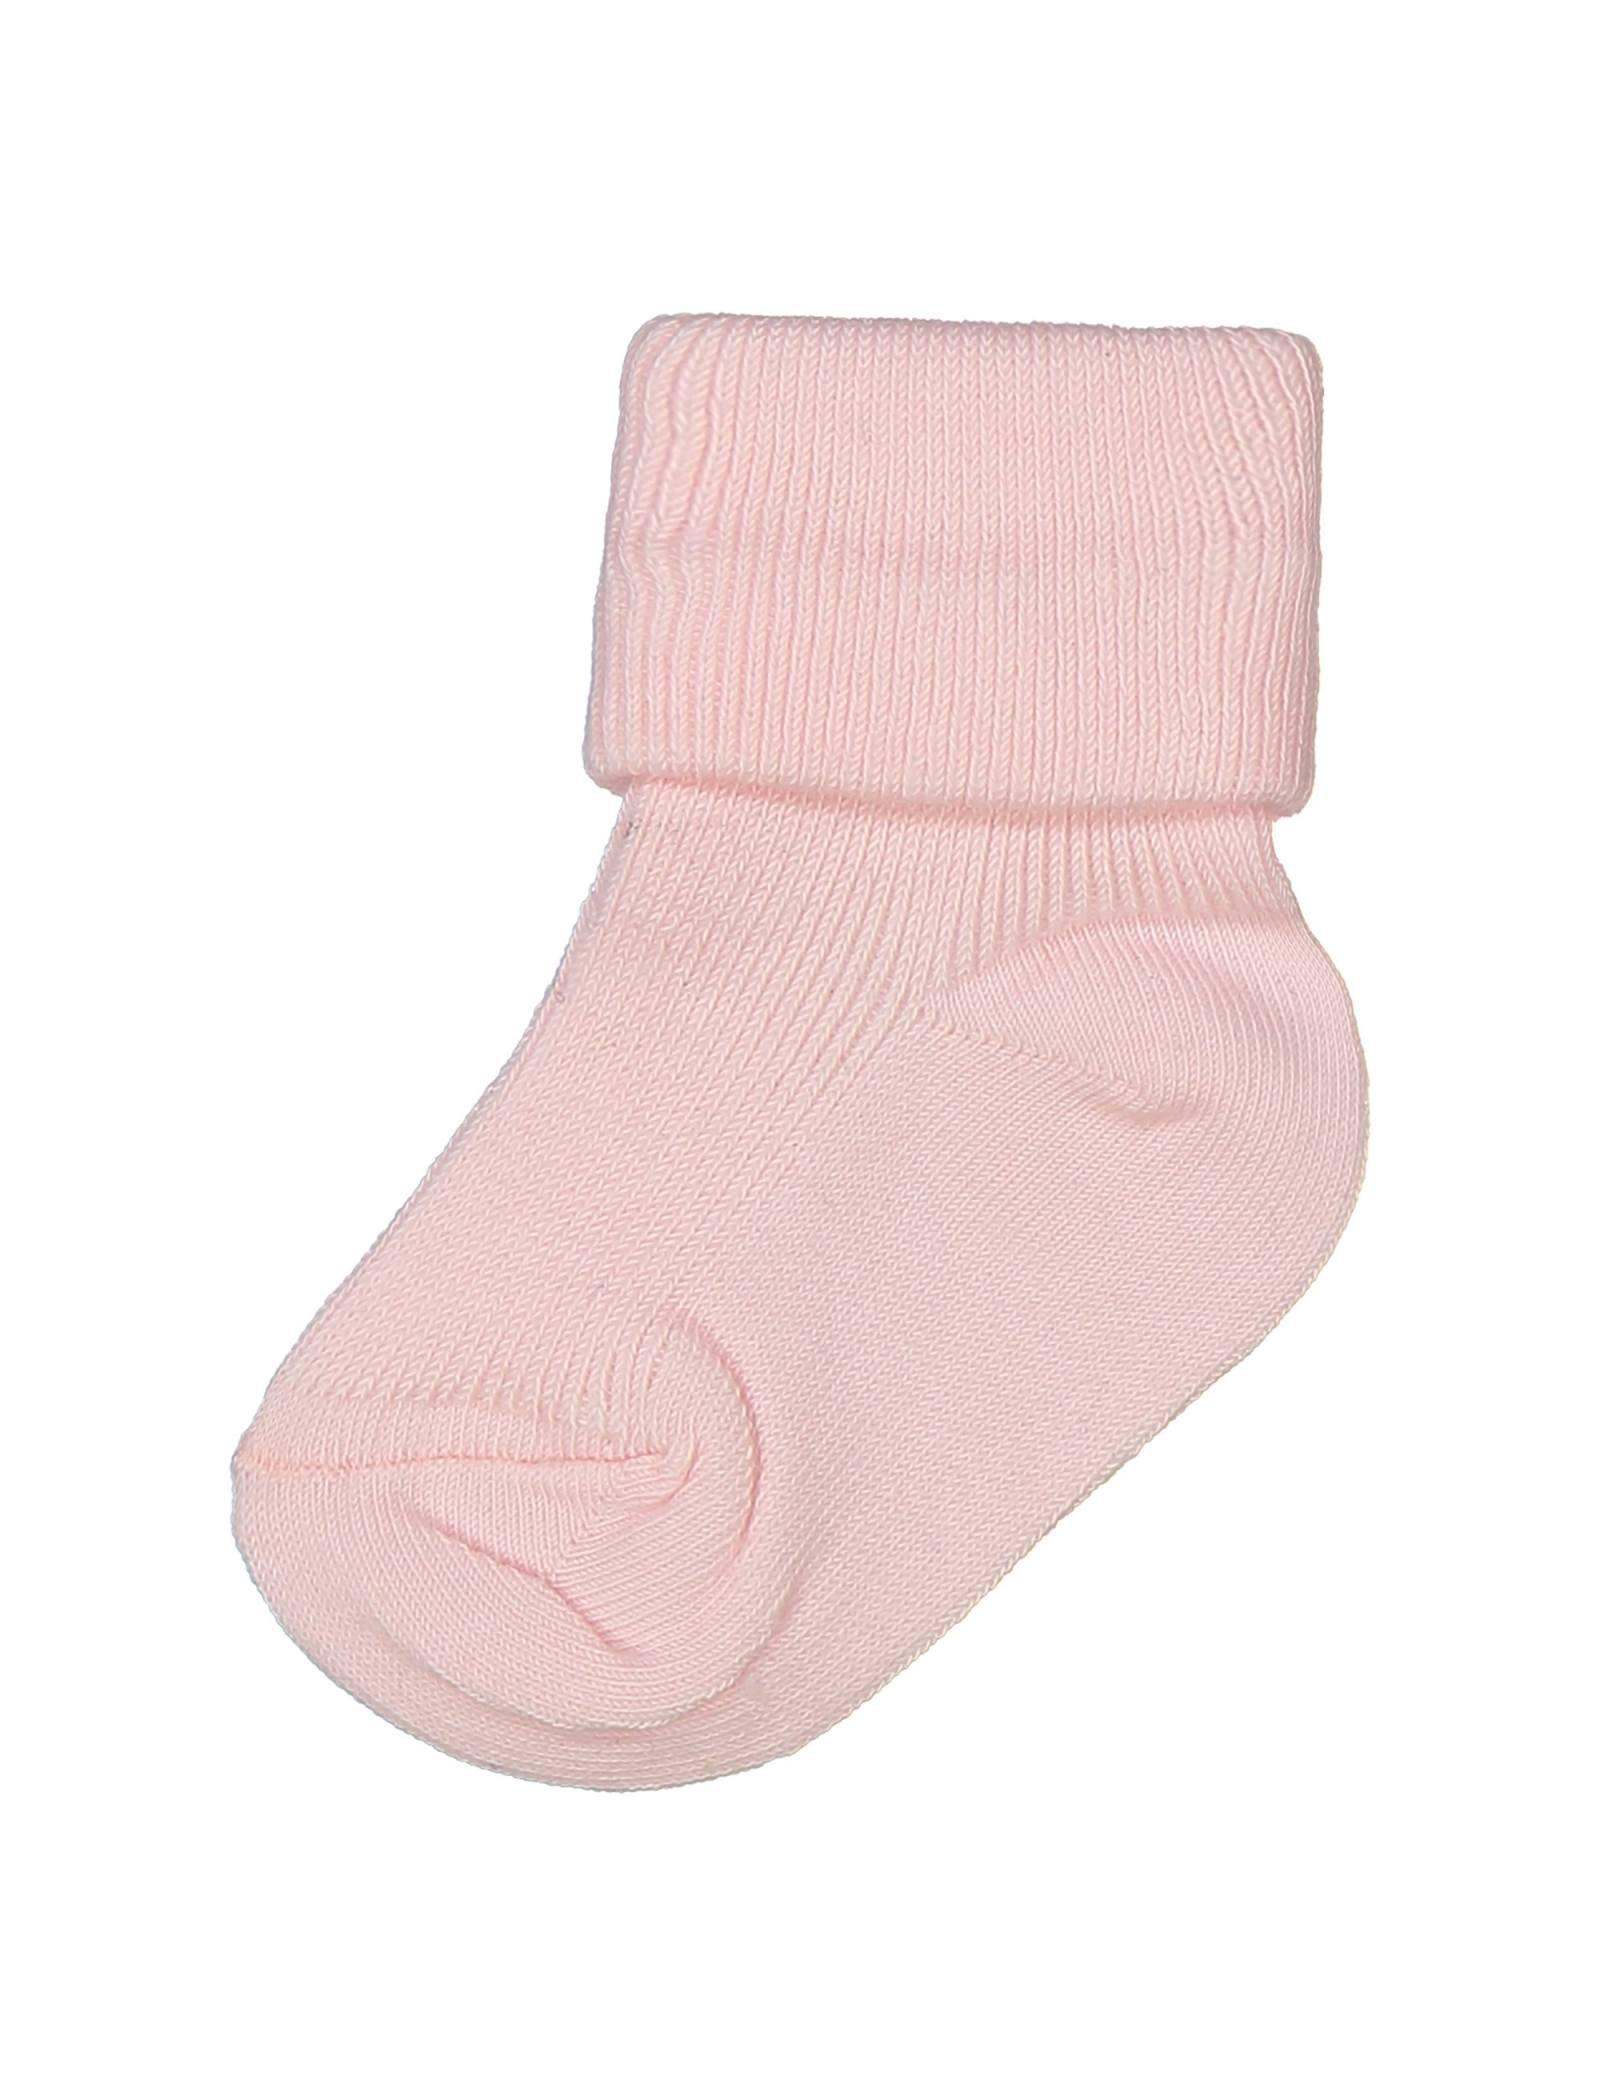 جوراب نخی نوزادی - ایدکس - صورتي - 2